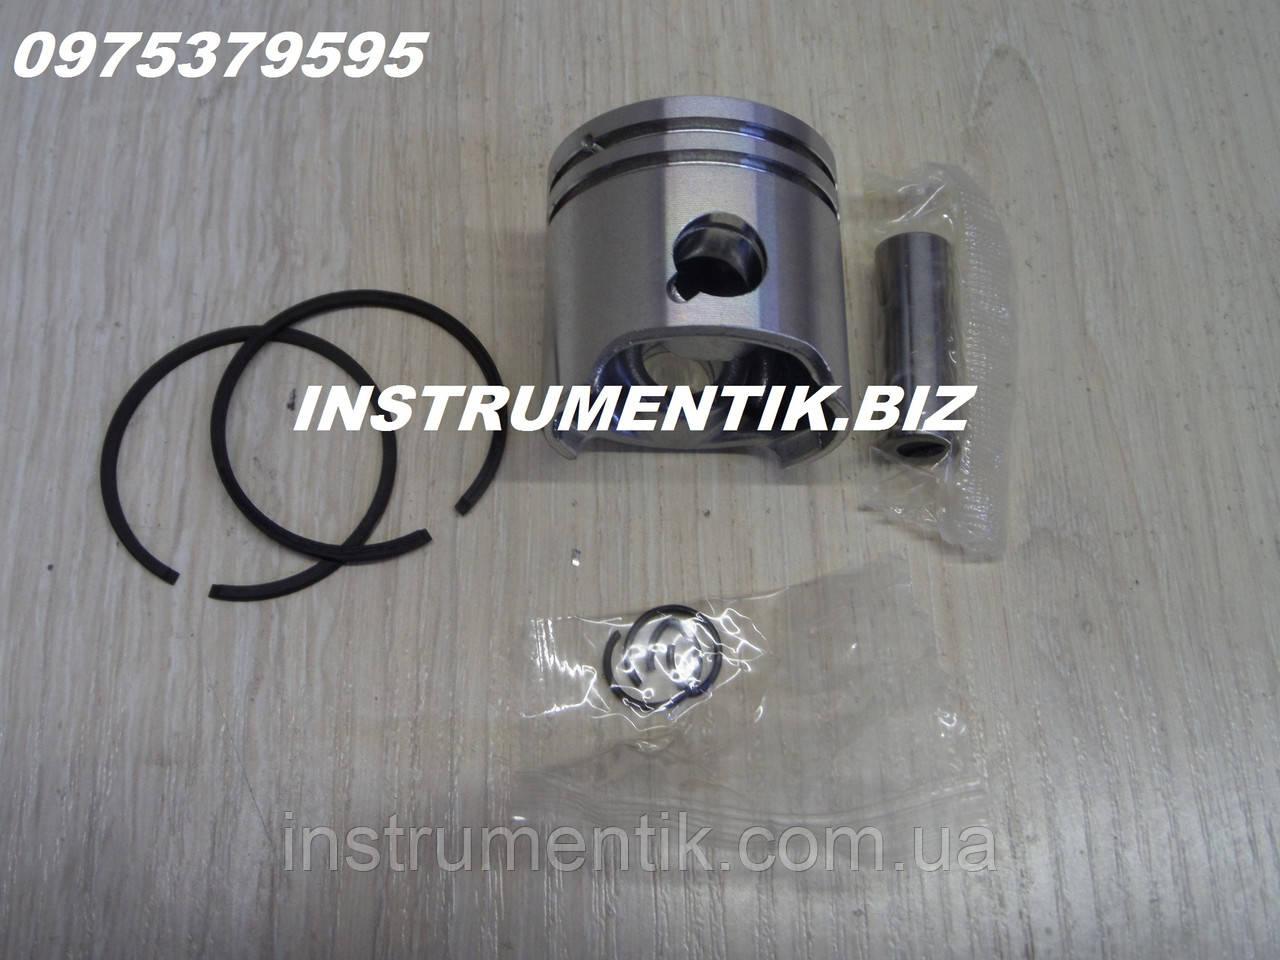 Поршень Winzor для мотокосы Stihl FS 160